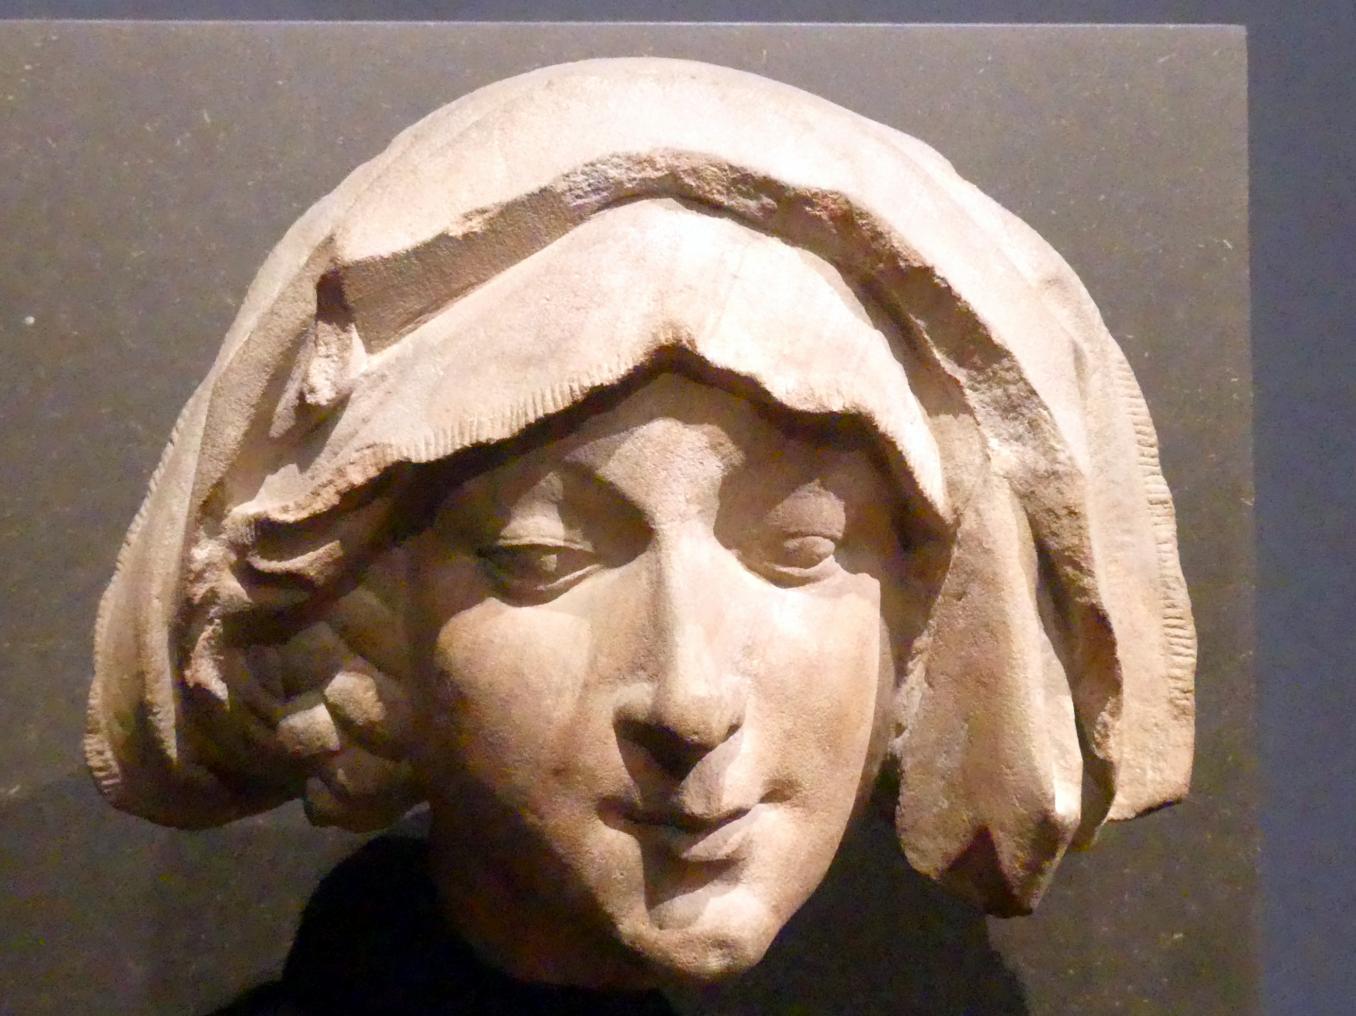 Nicolaus Gerhaert van Leyden: Kopf einer Sibylle, sog. Bärbel von Ottenheim, 1463 - 1464